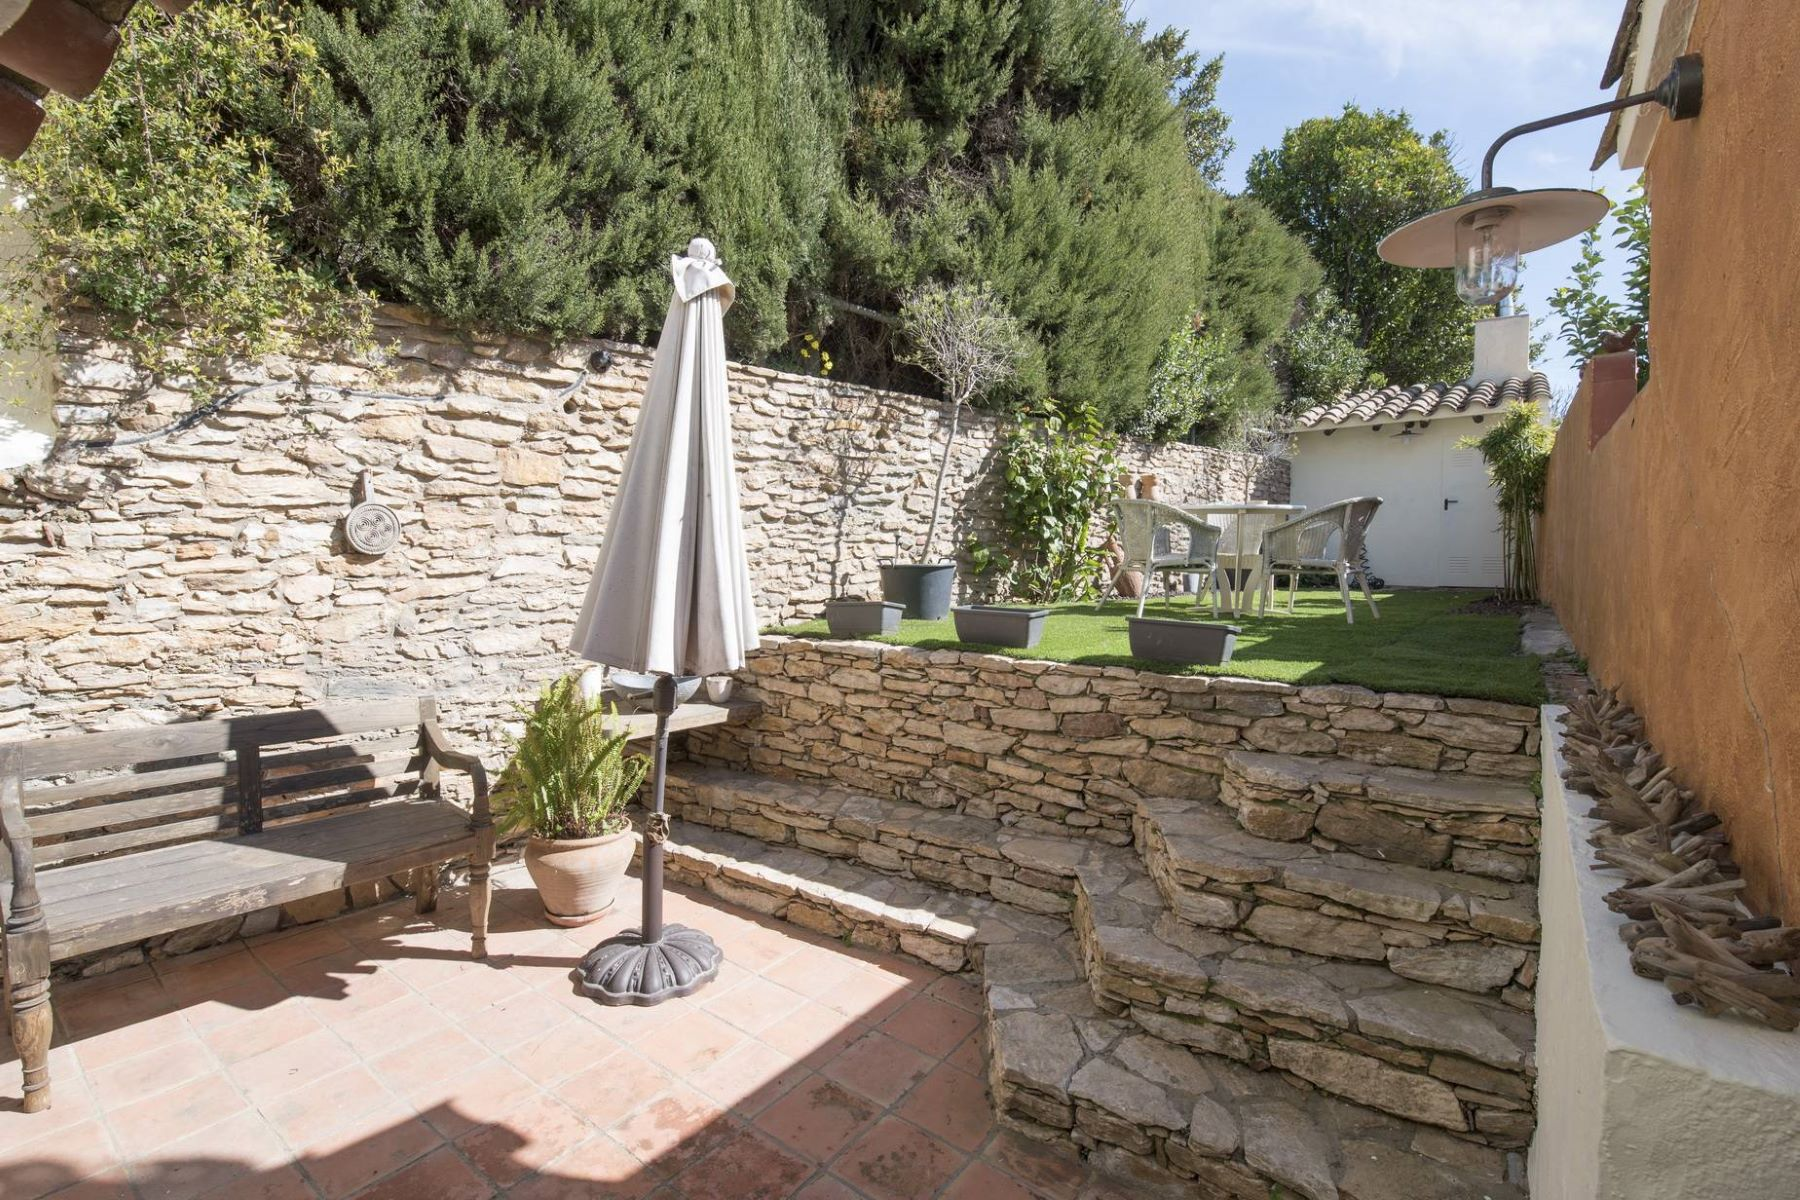 Villa per Vendita alle ore House of dreams for sale in the centre of Begur Begur, Costa Brava, 17255 Spagna